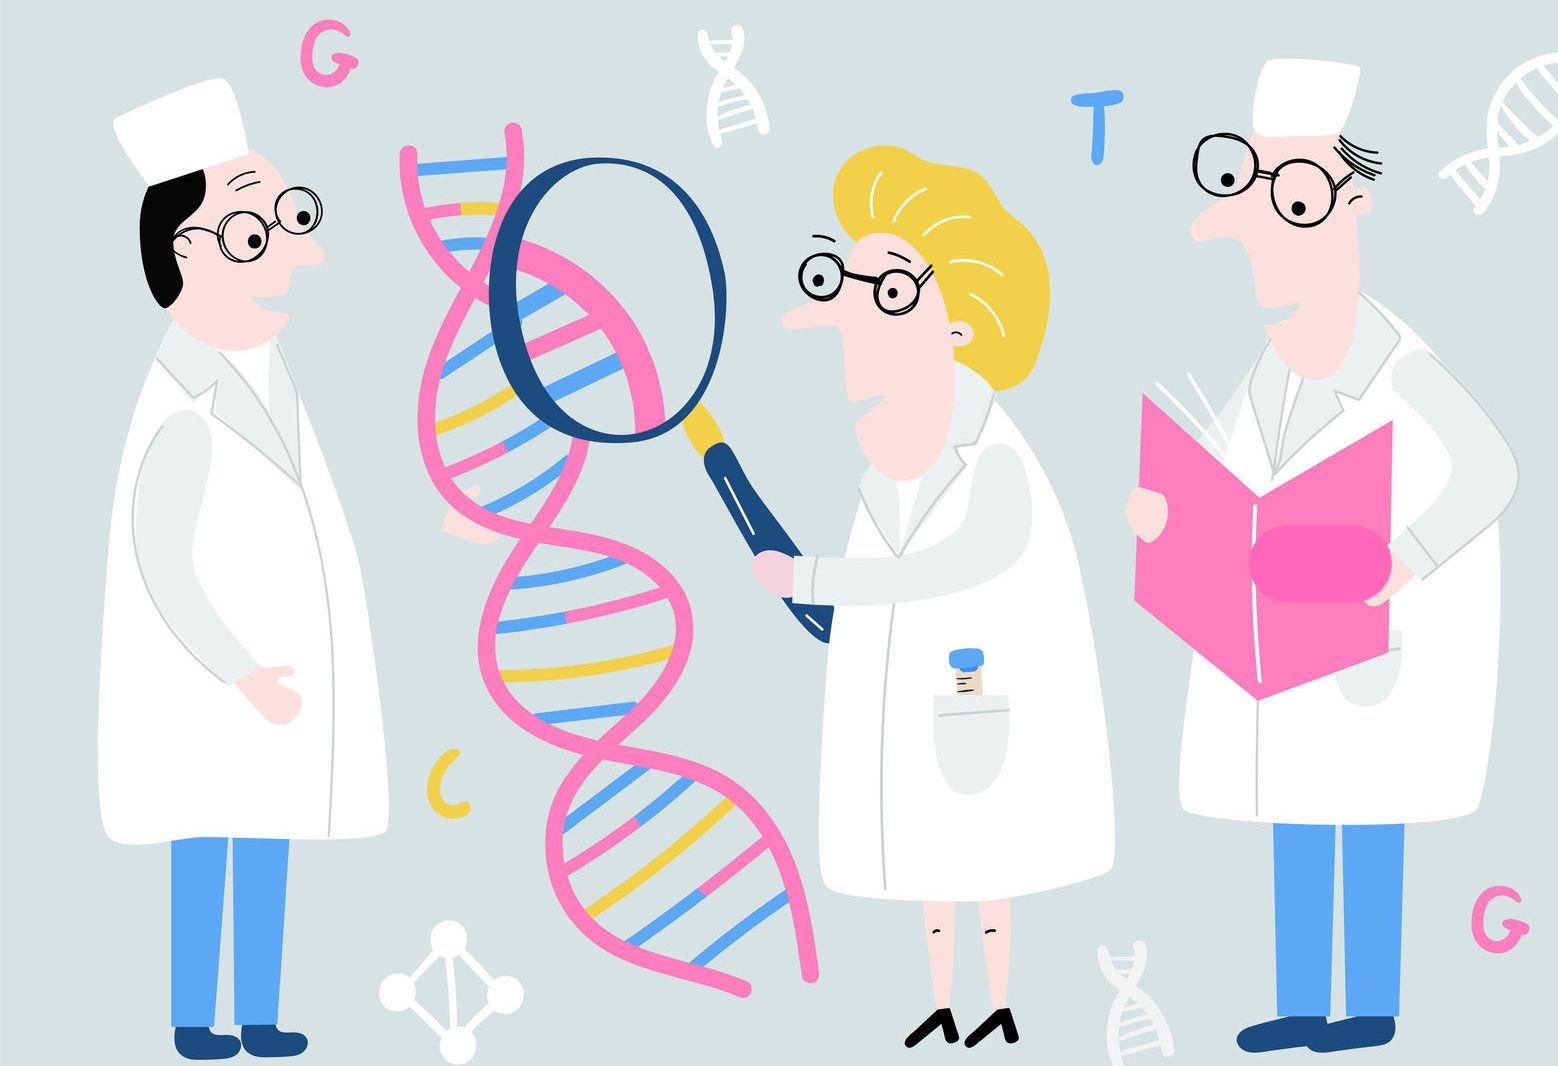 華大基因侵害Illumina定序專利坐實!美地區法院發布臨時禁制令